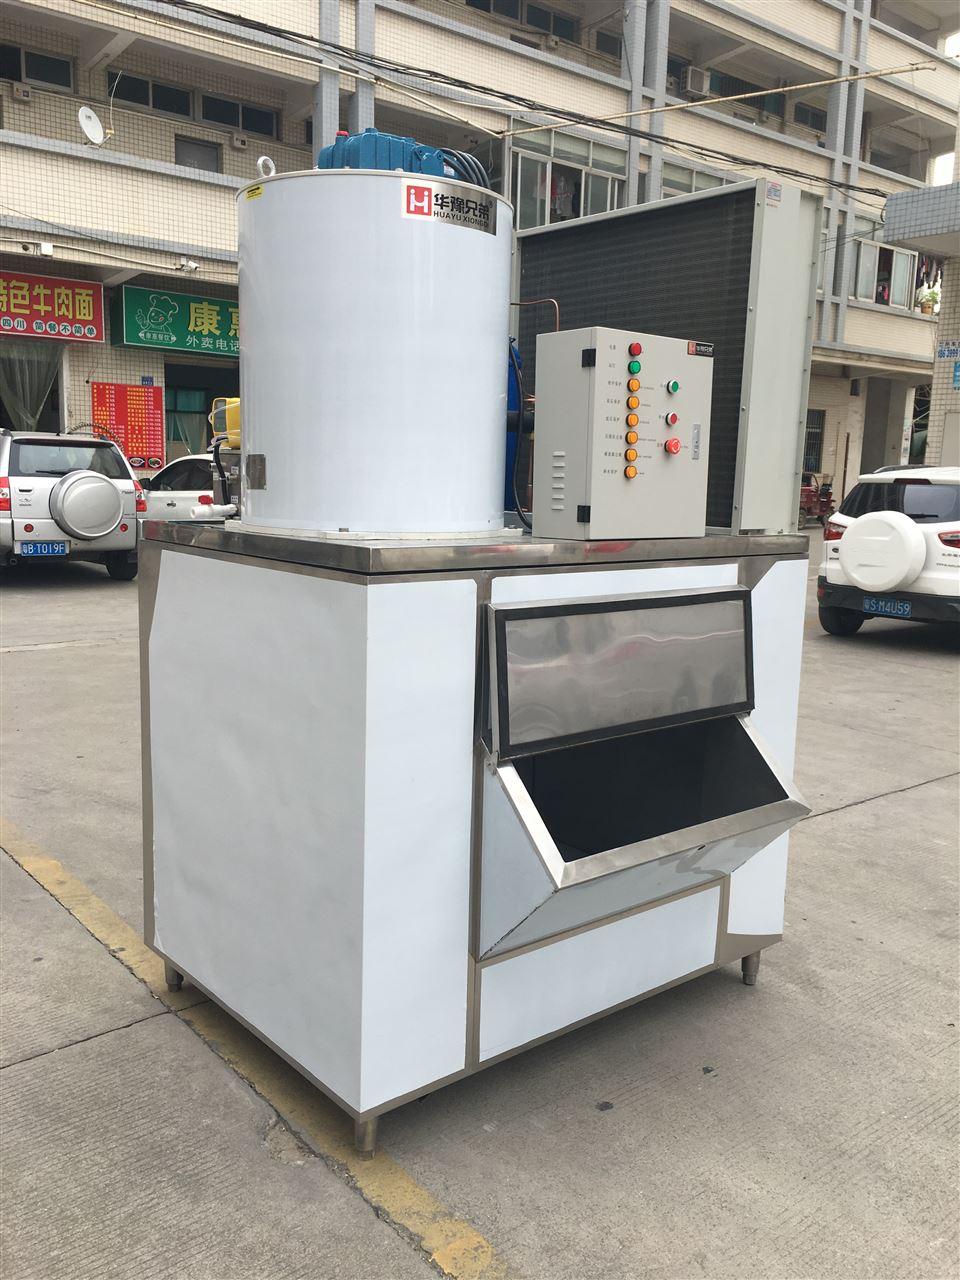 控制系统采用全自动微电脑控制,通过plc可编程控制器对制冰机进行开